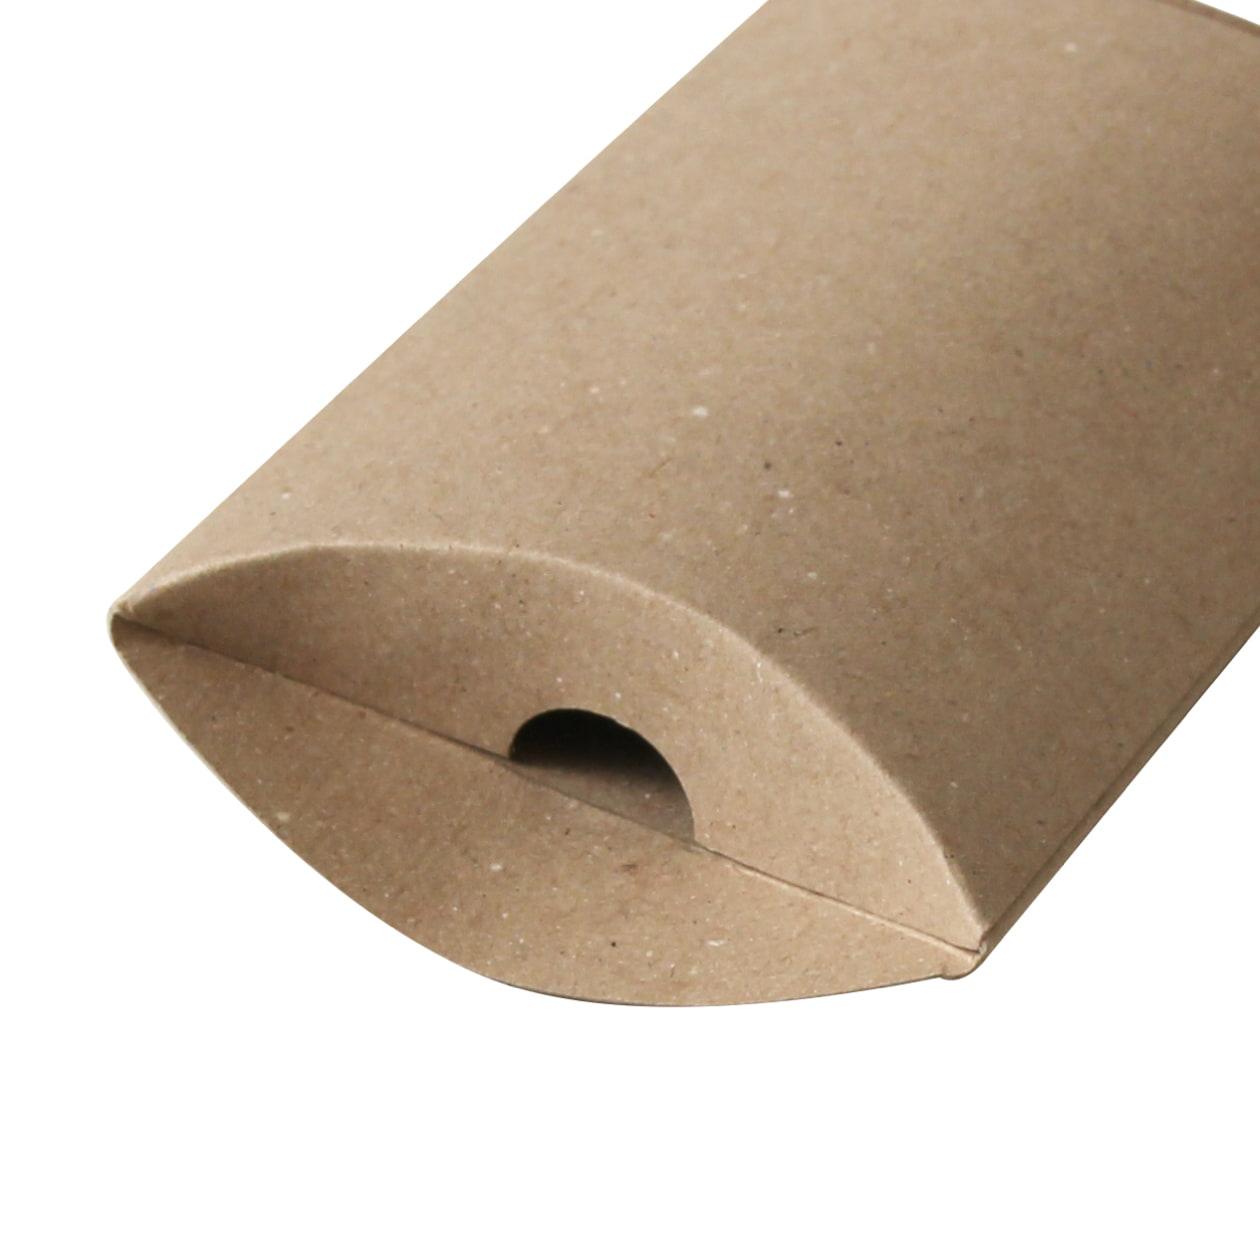 ピローケース75×115×20 ボード紙 サンド 270g